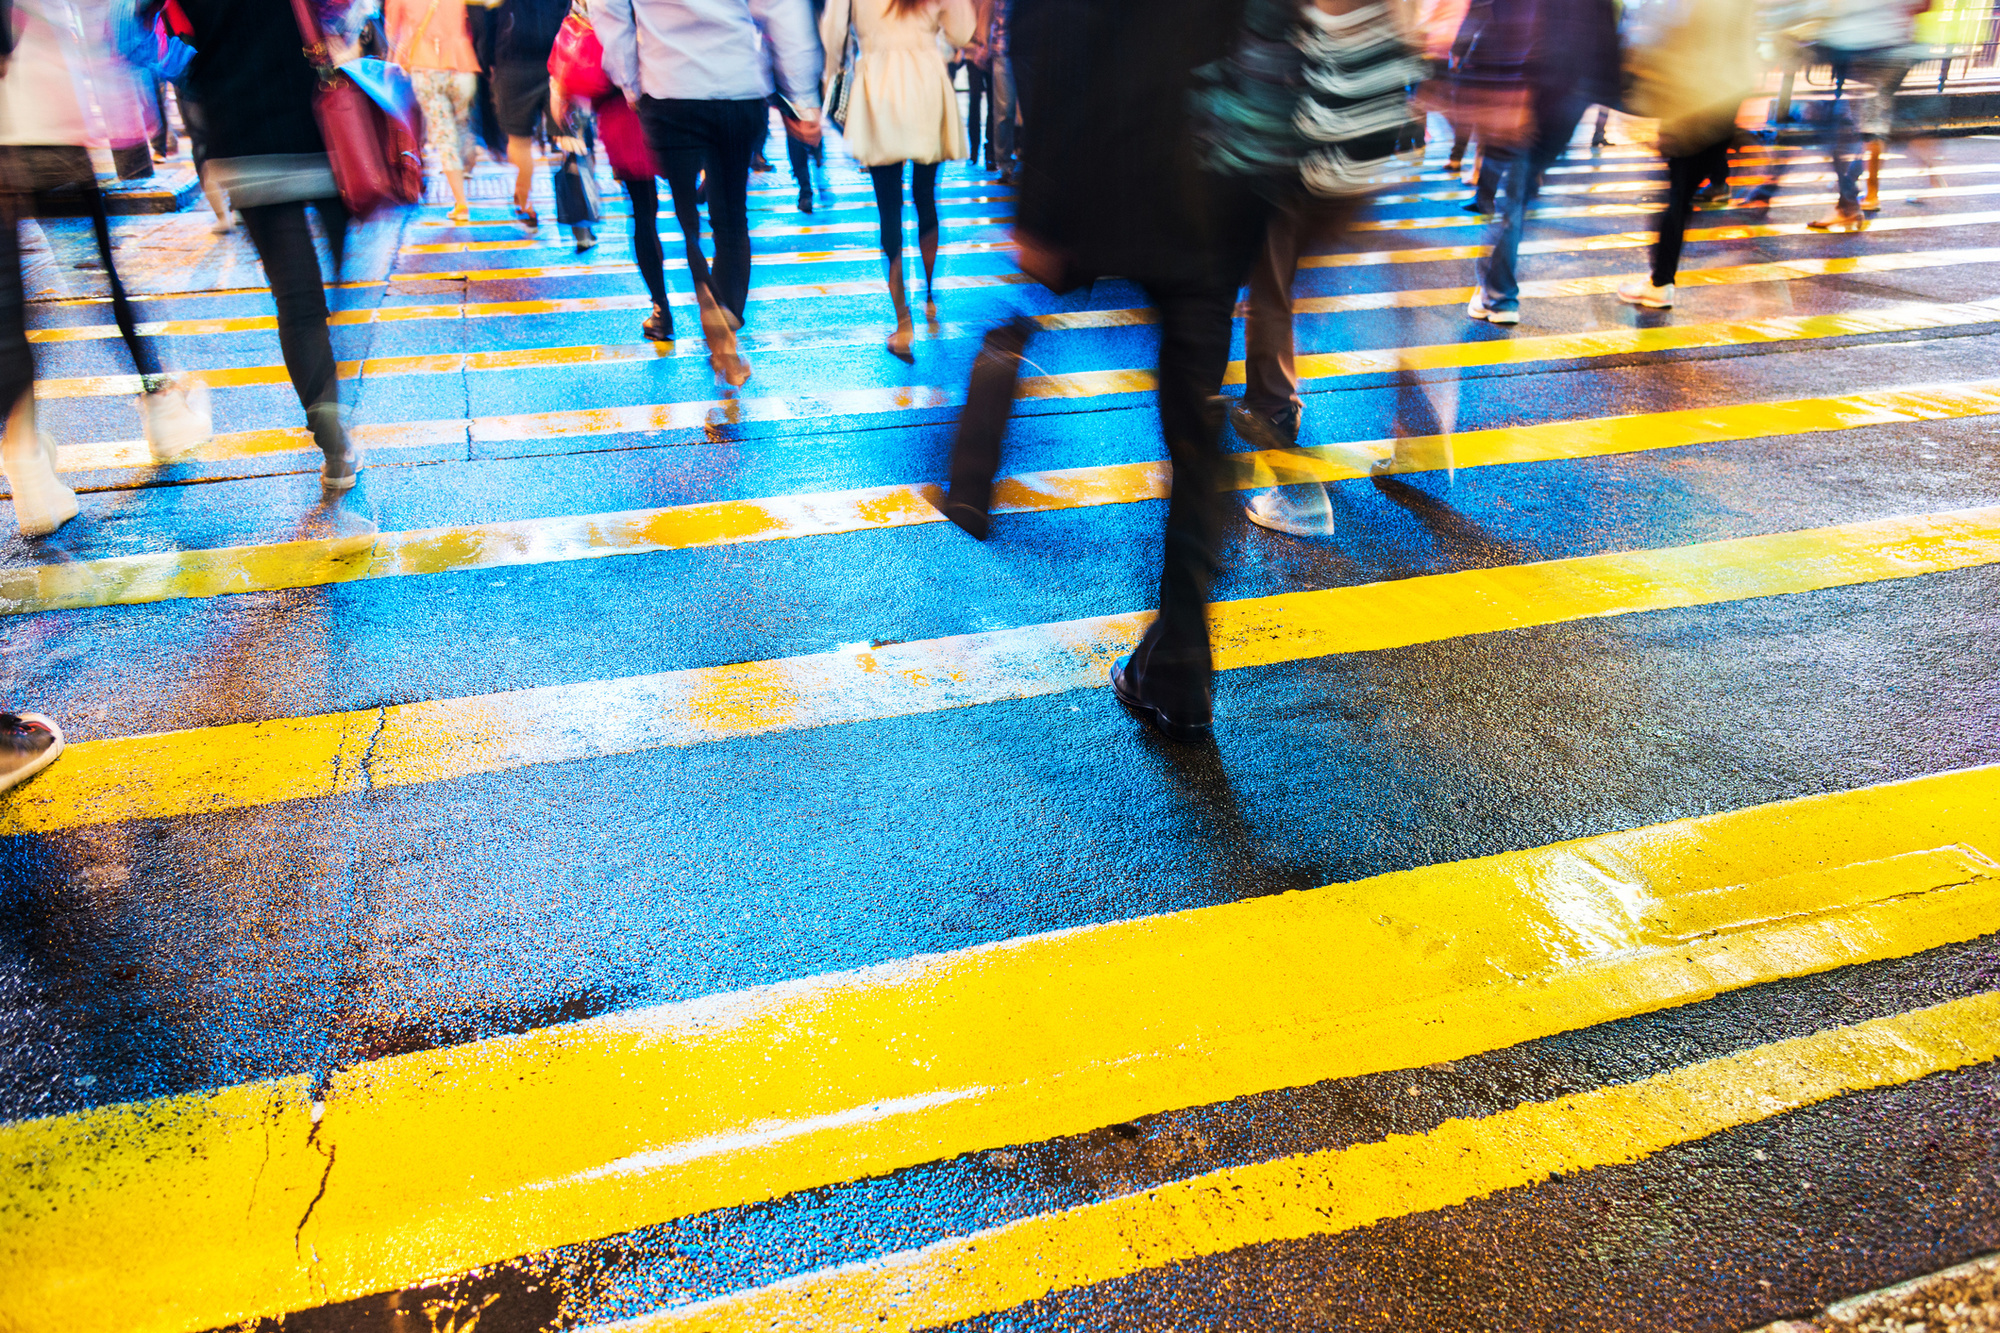 Uit een onderzoek van Plan uit 2019 blijkt dat meer dan 40% van de mensen niet durft tussenkomen wanneer ze seksuele straatintimidatie zien gebeuren. , Getty Images